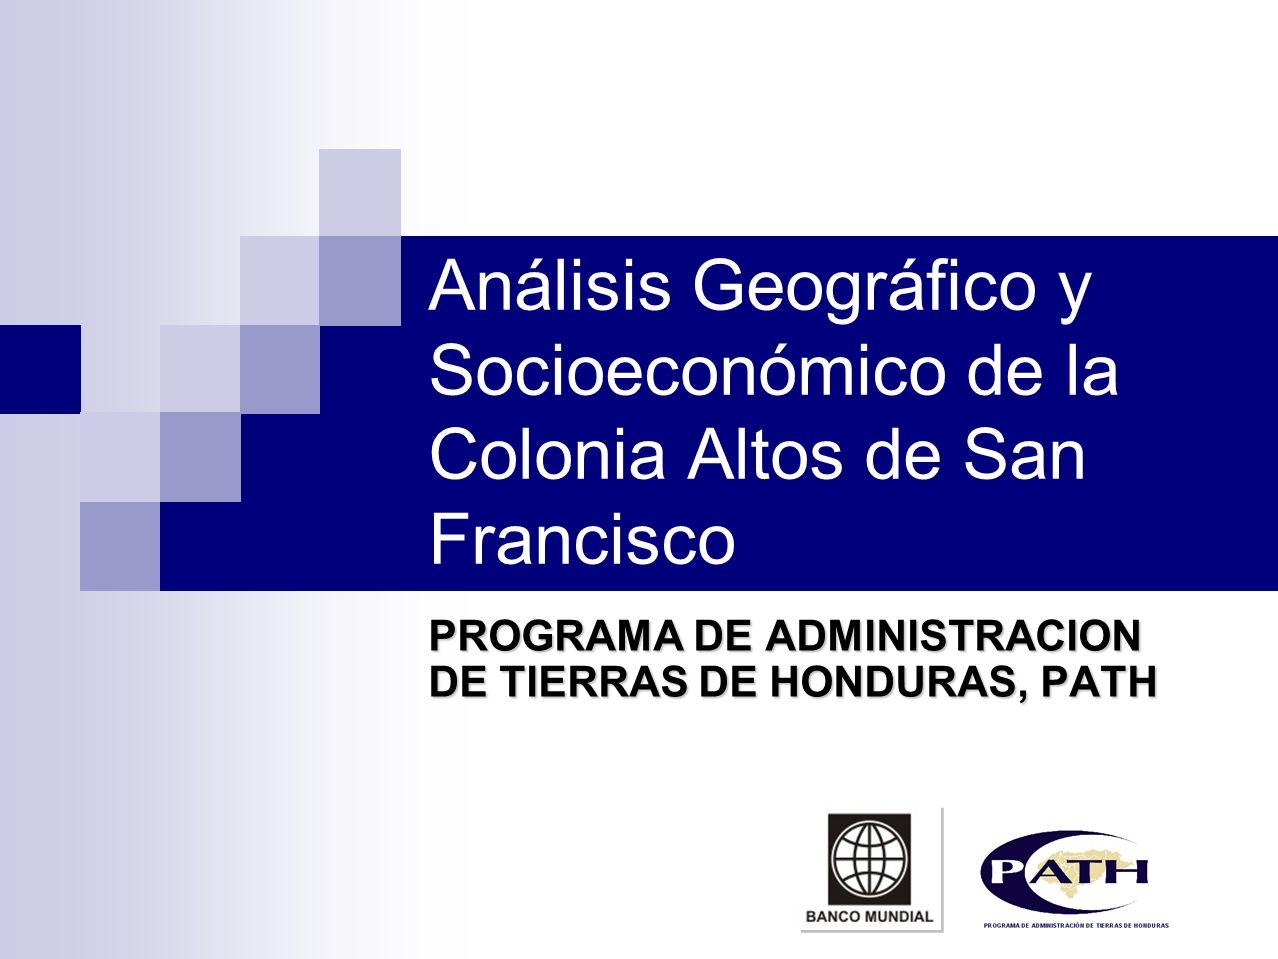 PROGRAMA DE ADMINISTRACION DE TIERRAS DE HONDURAS, PATH